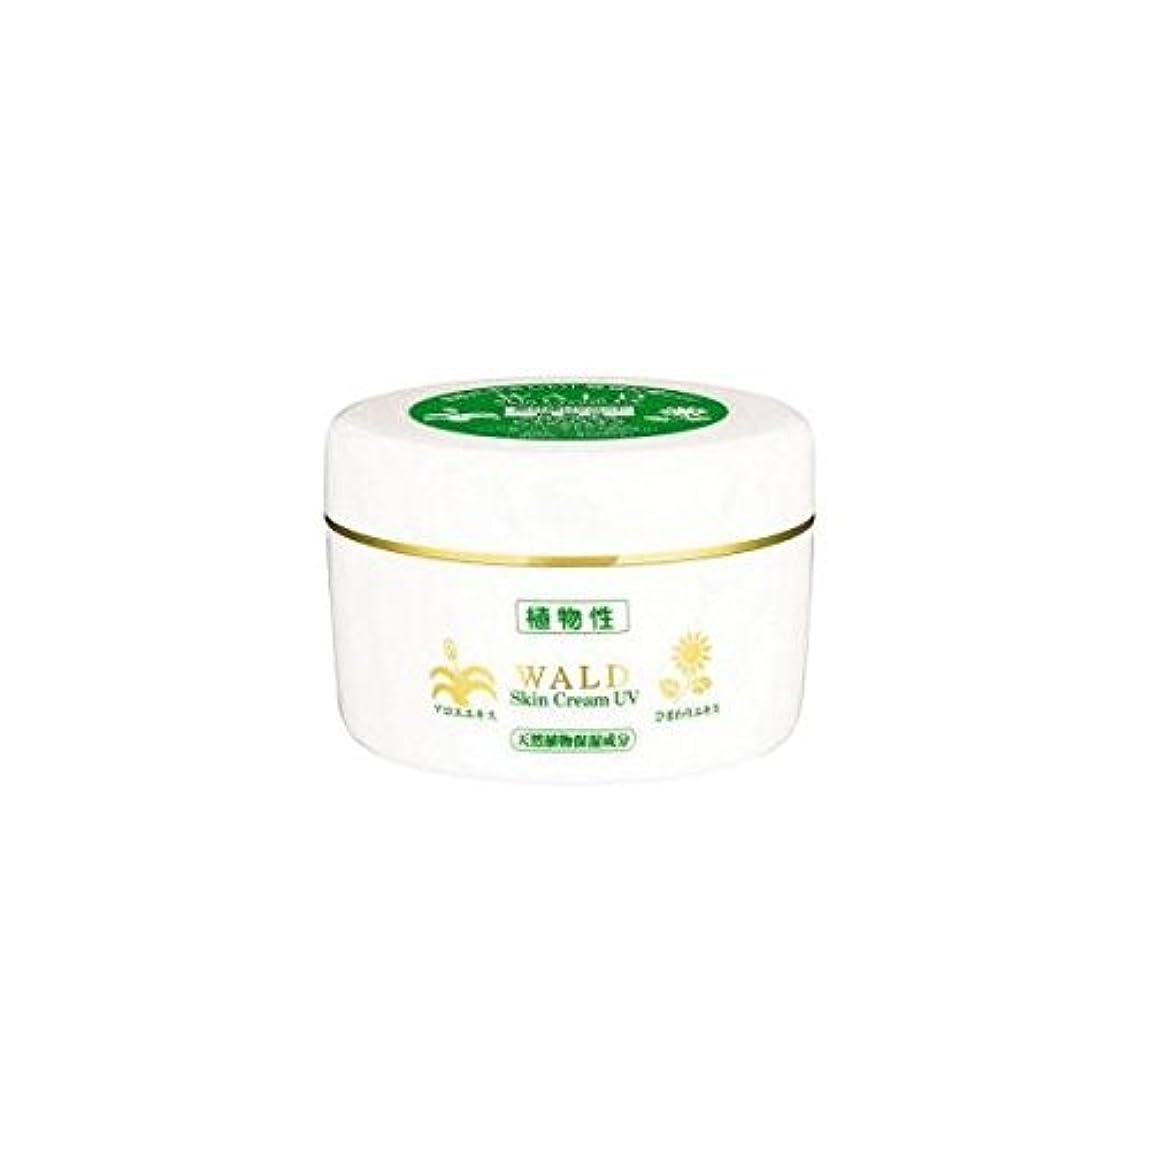 遺伝子ありがたい広範囲に新 ヴァルトスキンクリーム UV (WALD Skin Cream UV) 220g (1)